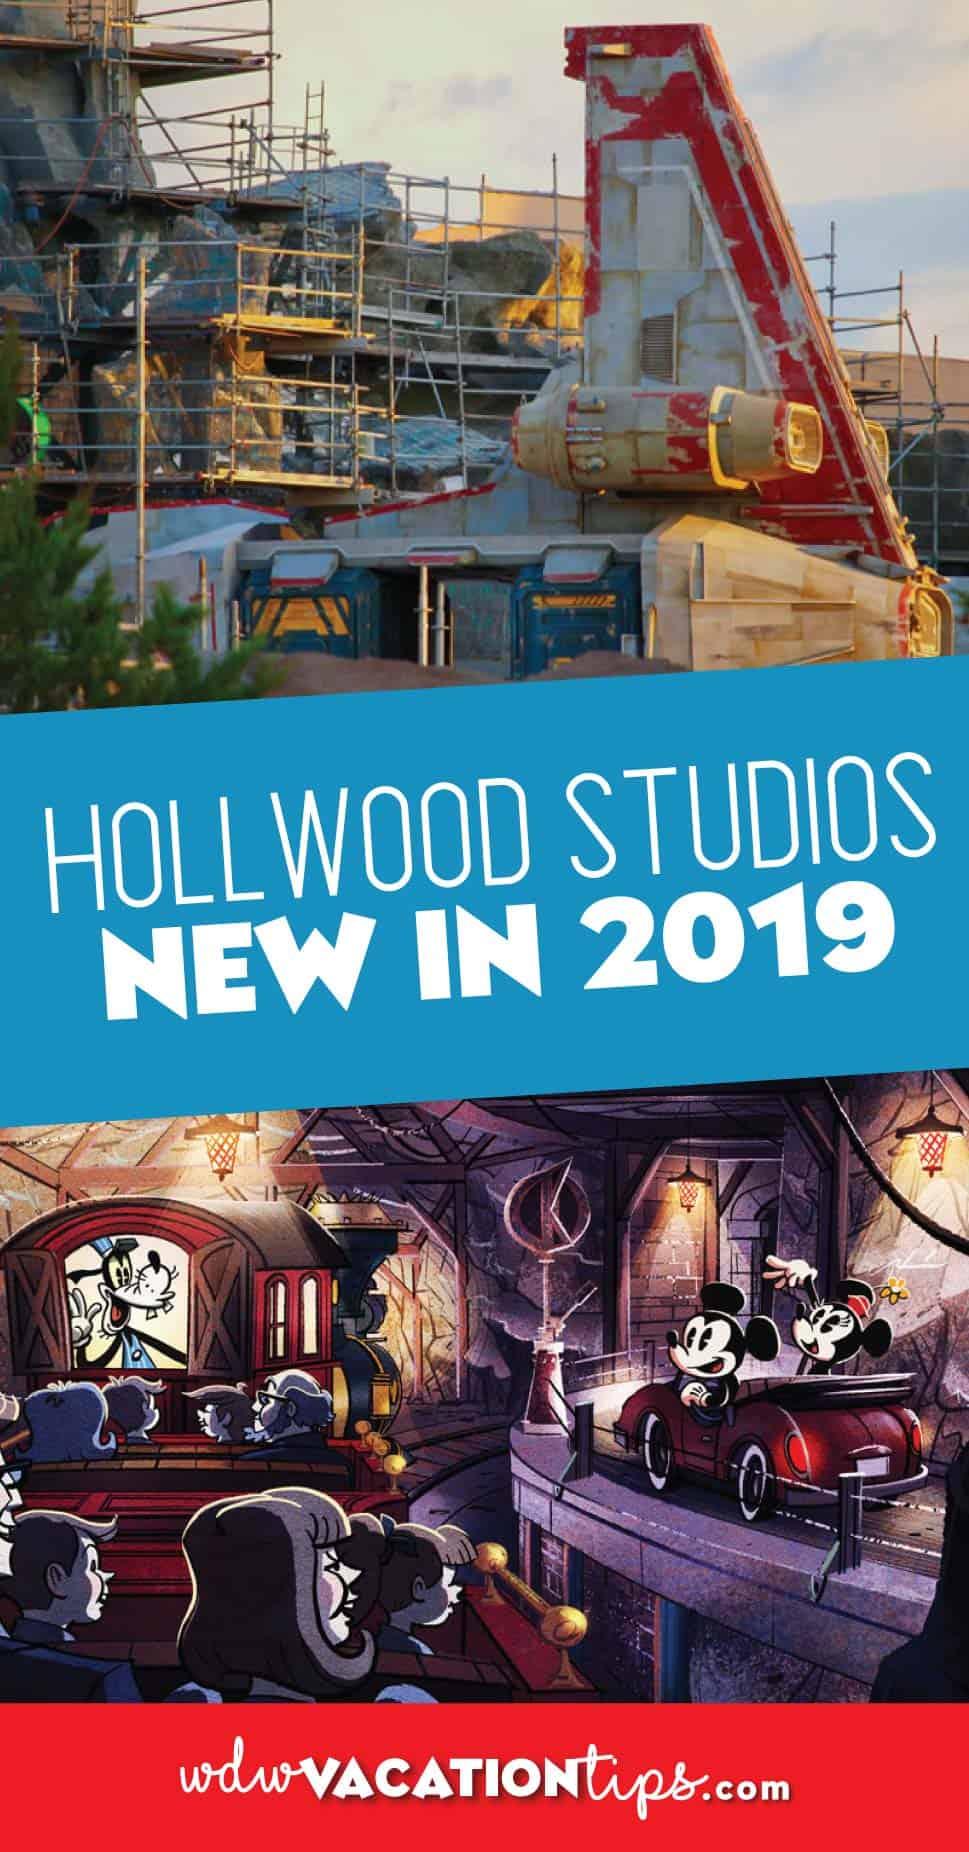 New at Hollywood Studios 2019